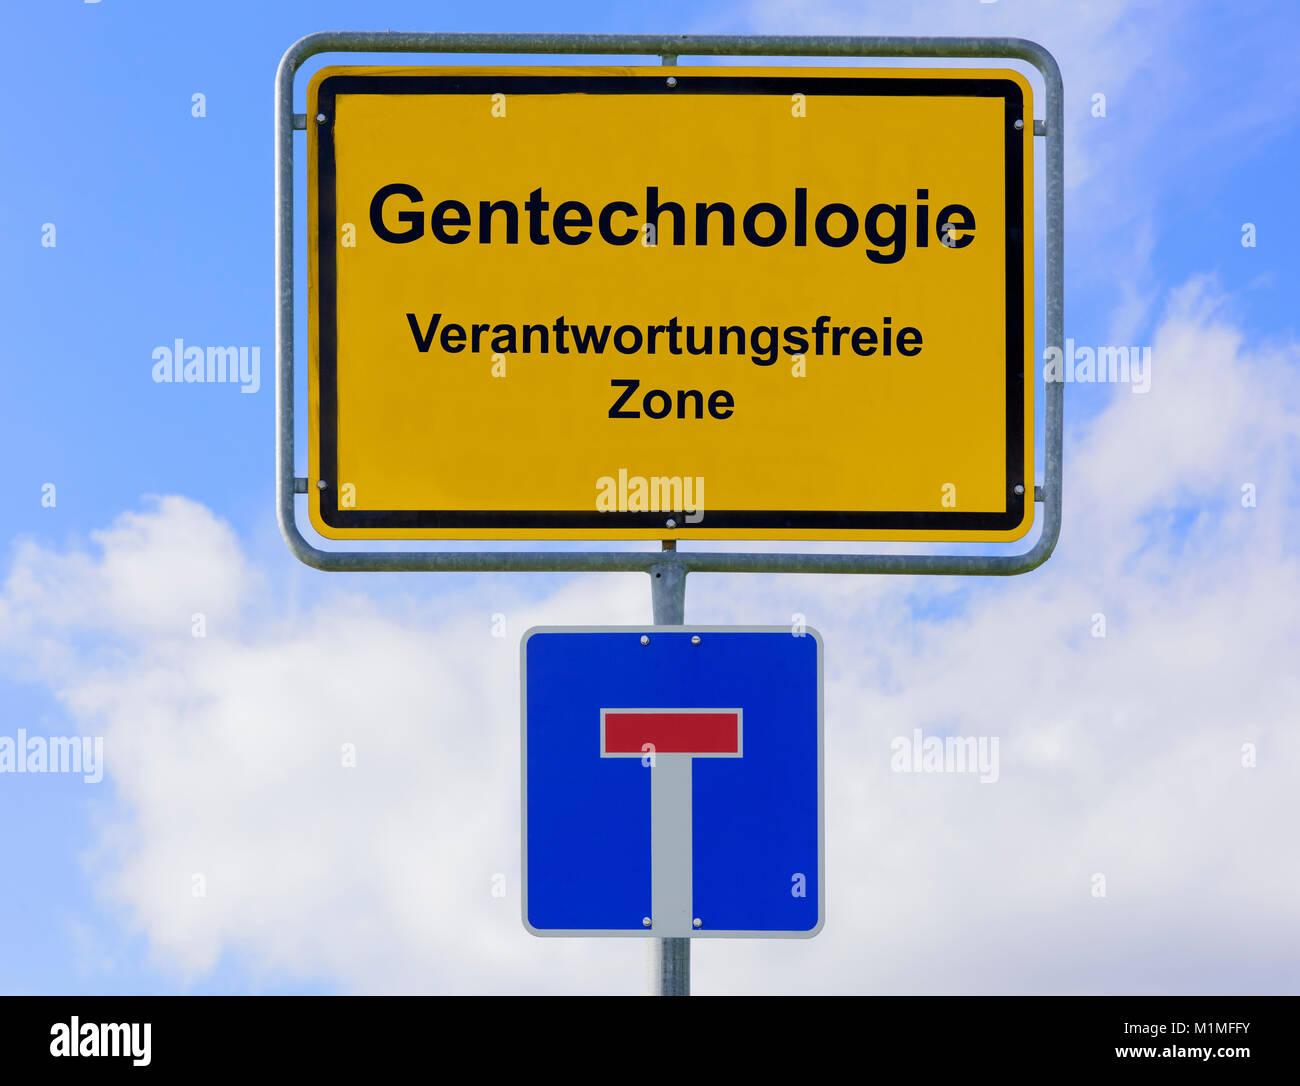 Gentechnologie in Ortsschild verantwortungsfreie Stockbild